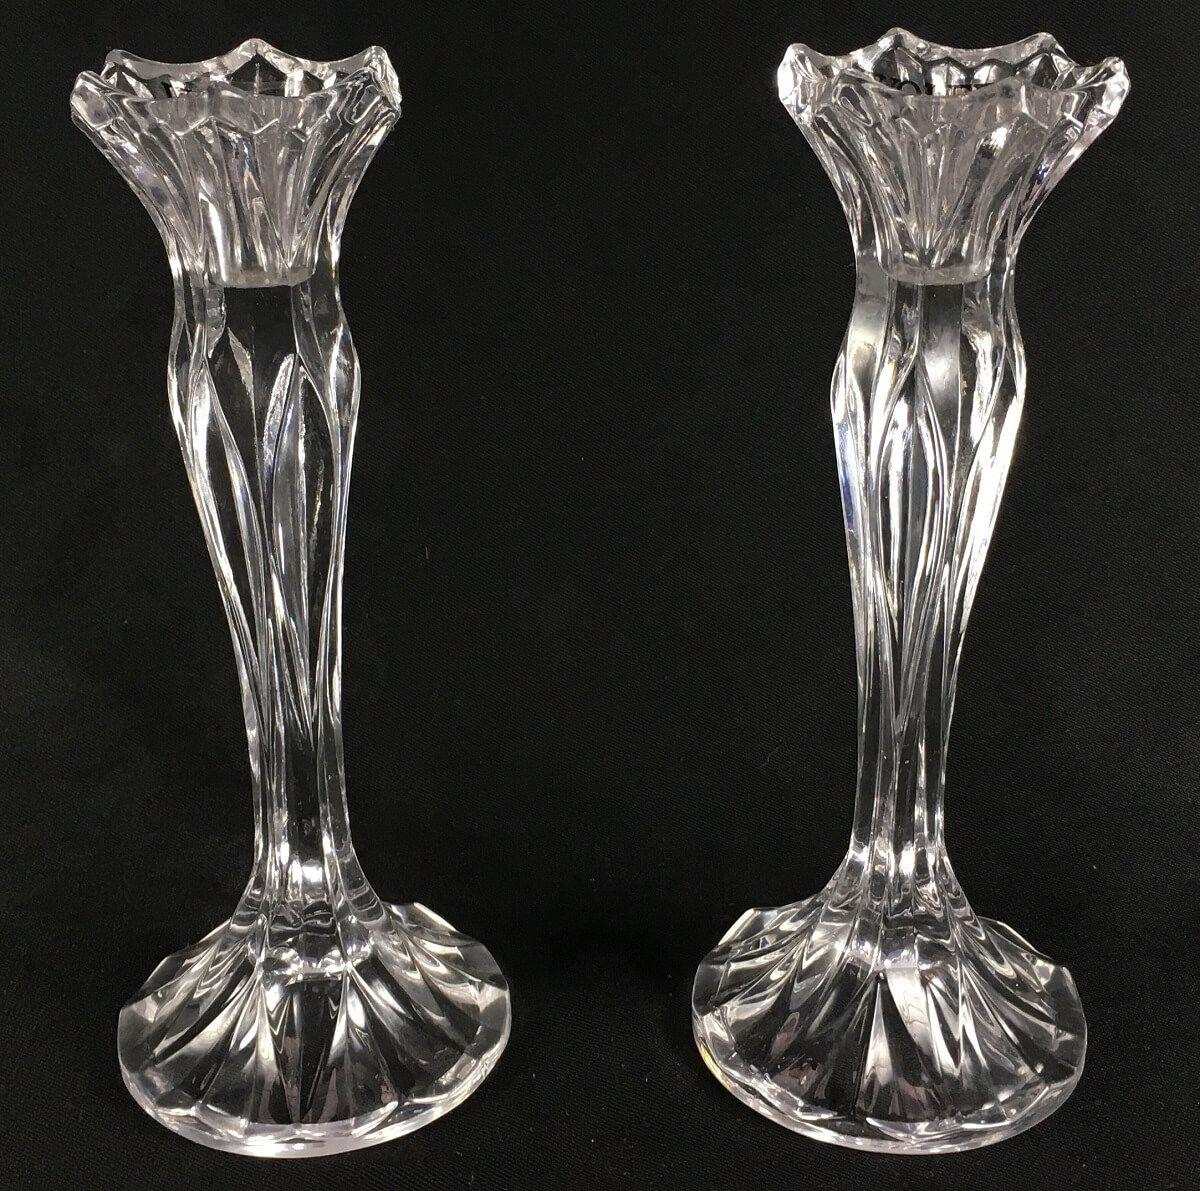 Lindo Par De Castiçal Em Cristal 22cm Altura